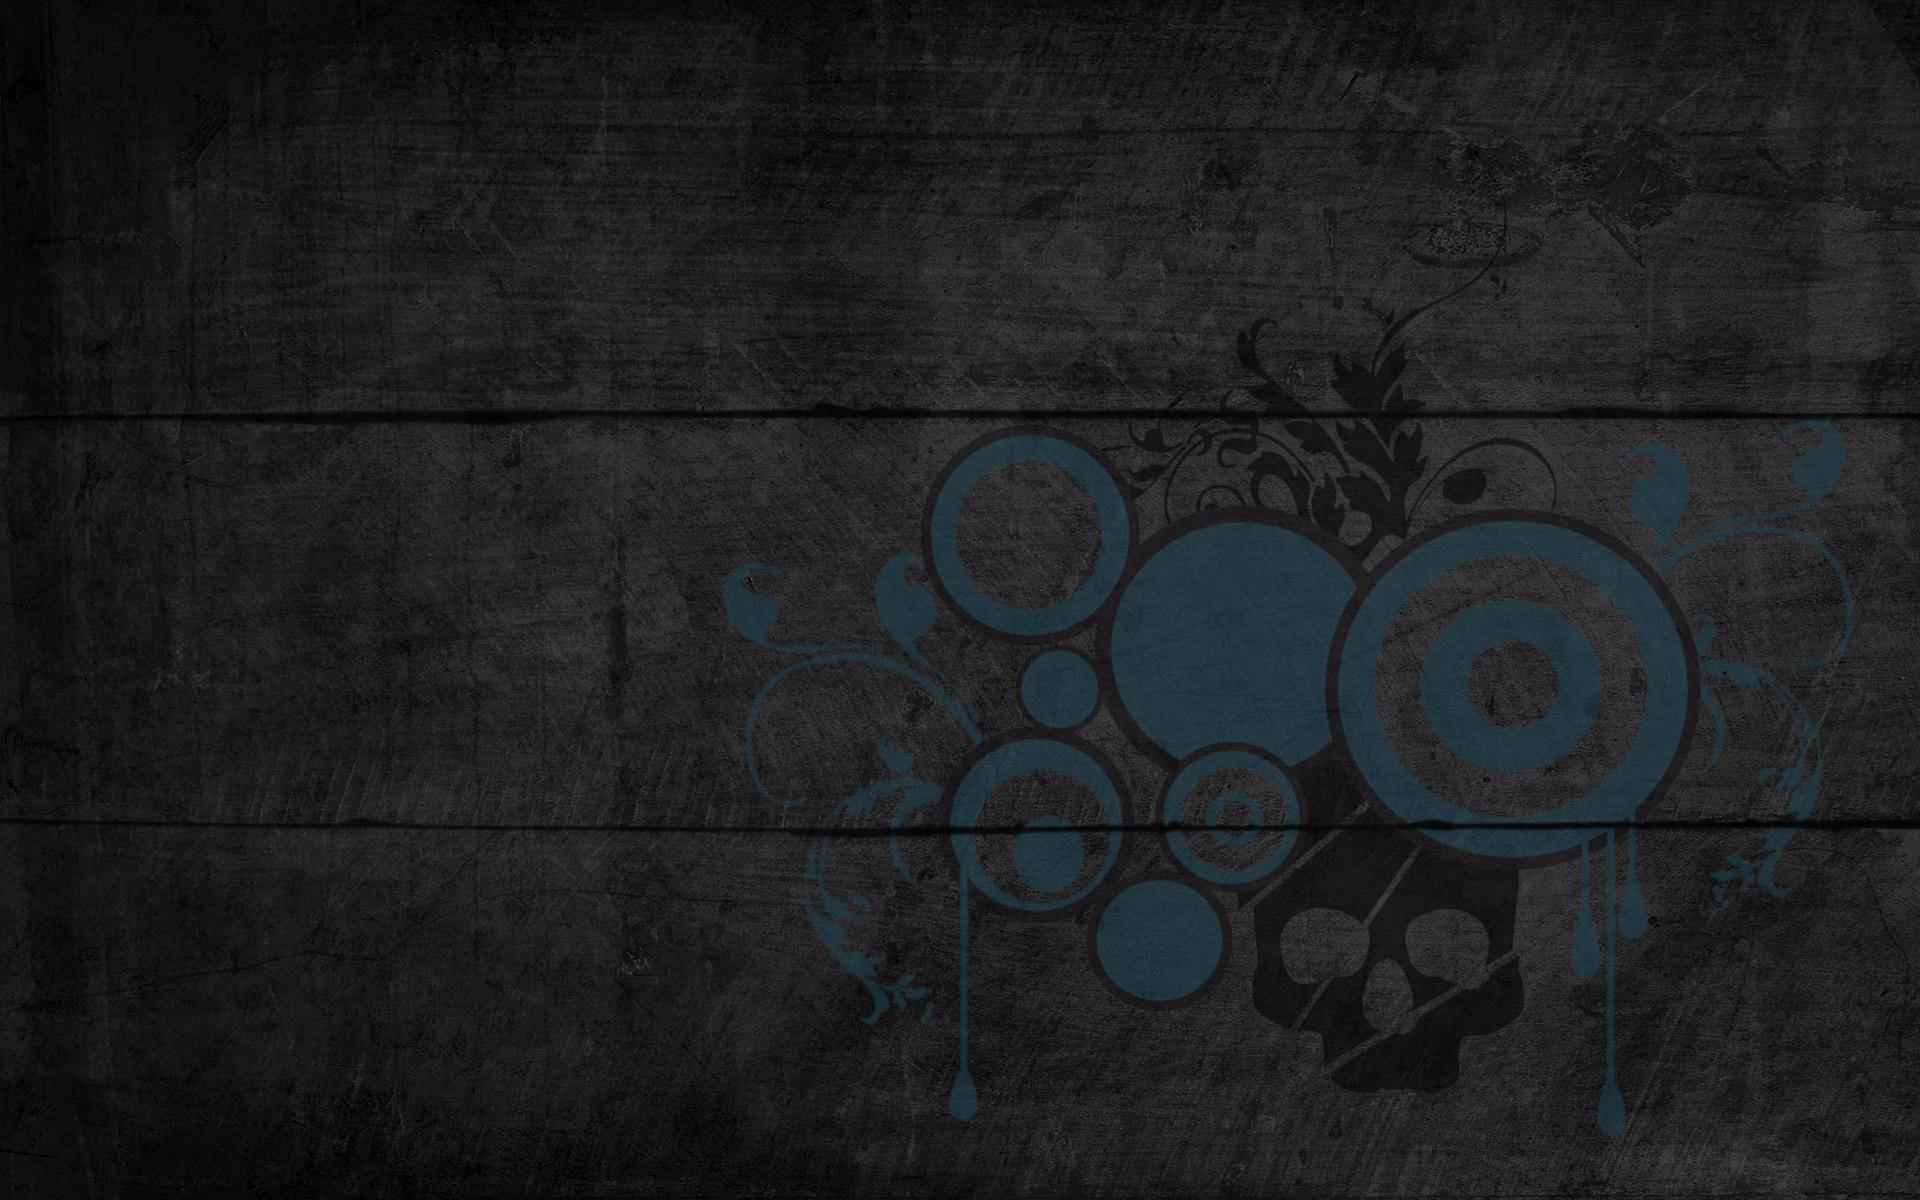 background-images-for-websites-23 jpg